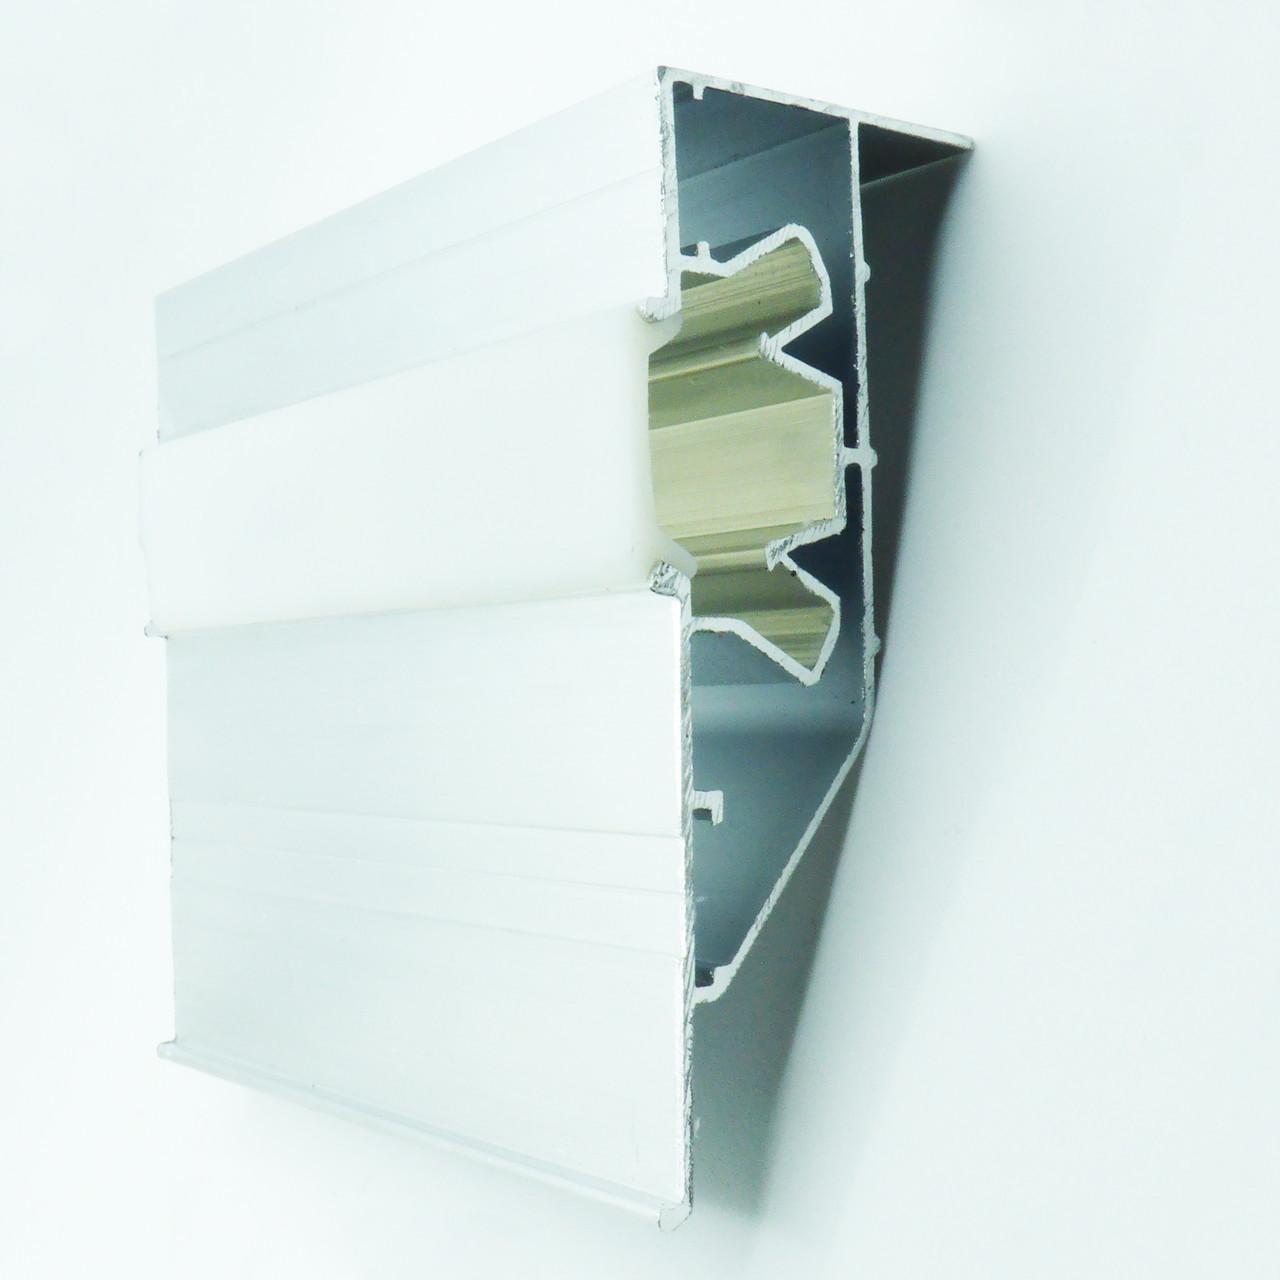 Профиль алюминиевый для натяжных потолков - двухуровневый ПЛ-75, с подсветкой, с линзой. Длина профиля 2,5 м.